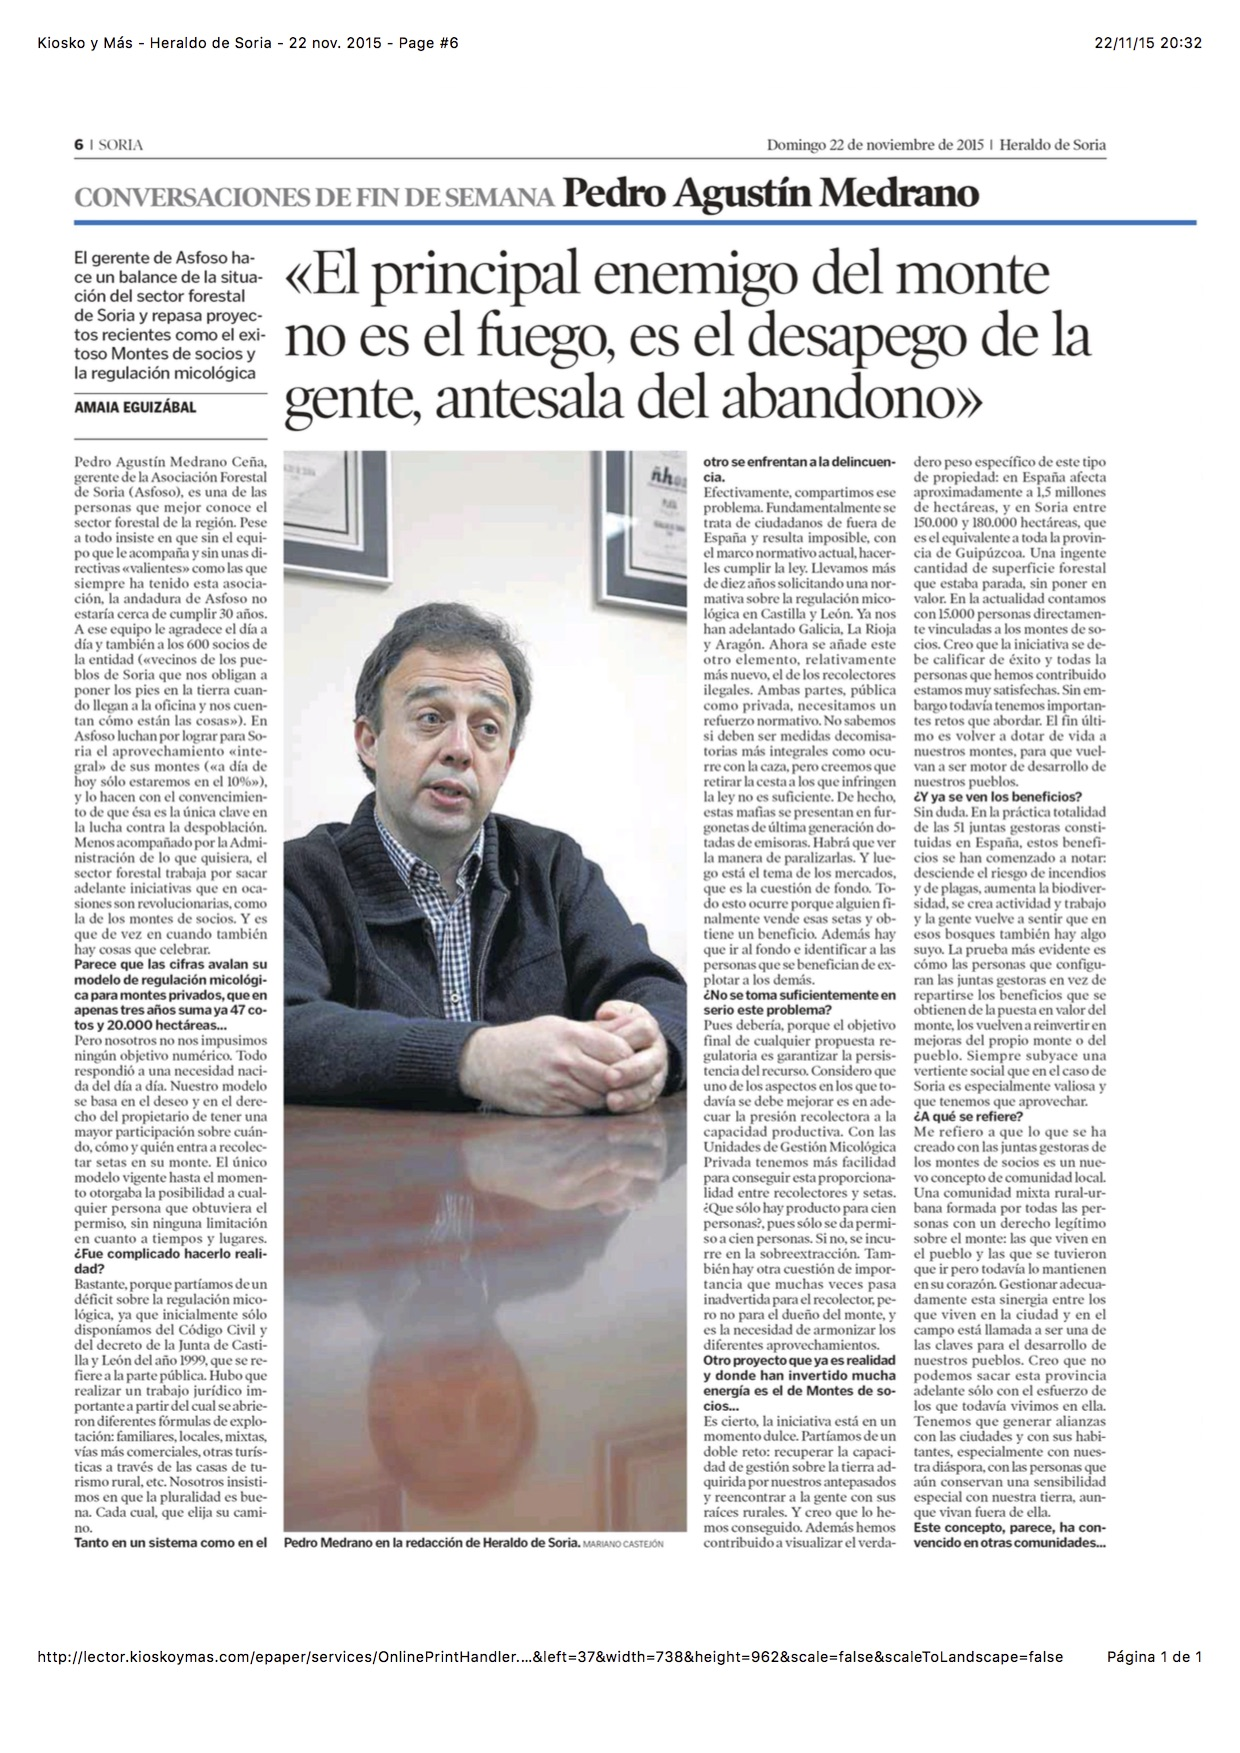 Entrevista 22 nov 2015 pag1